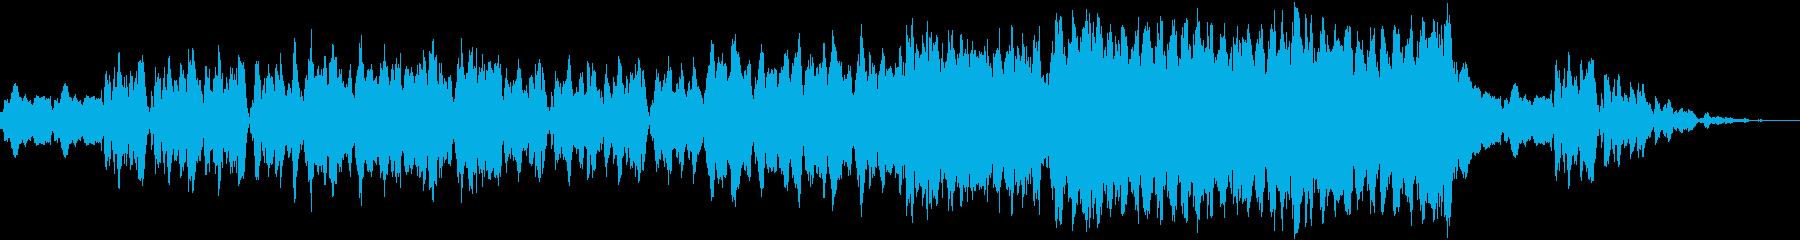 しっとりとした悲しい楽曲2の再生済みの波形